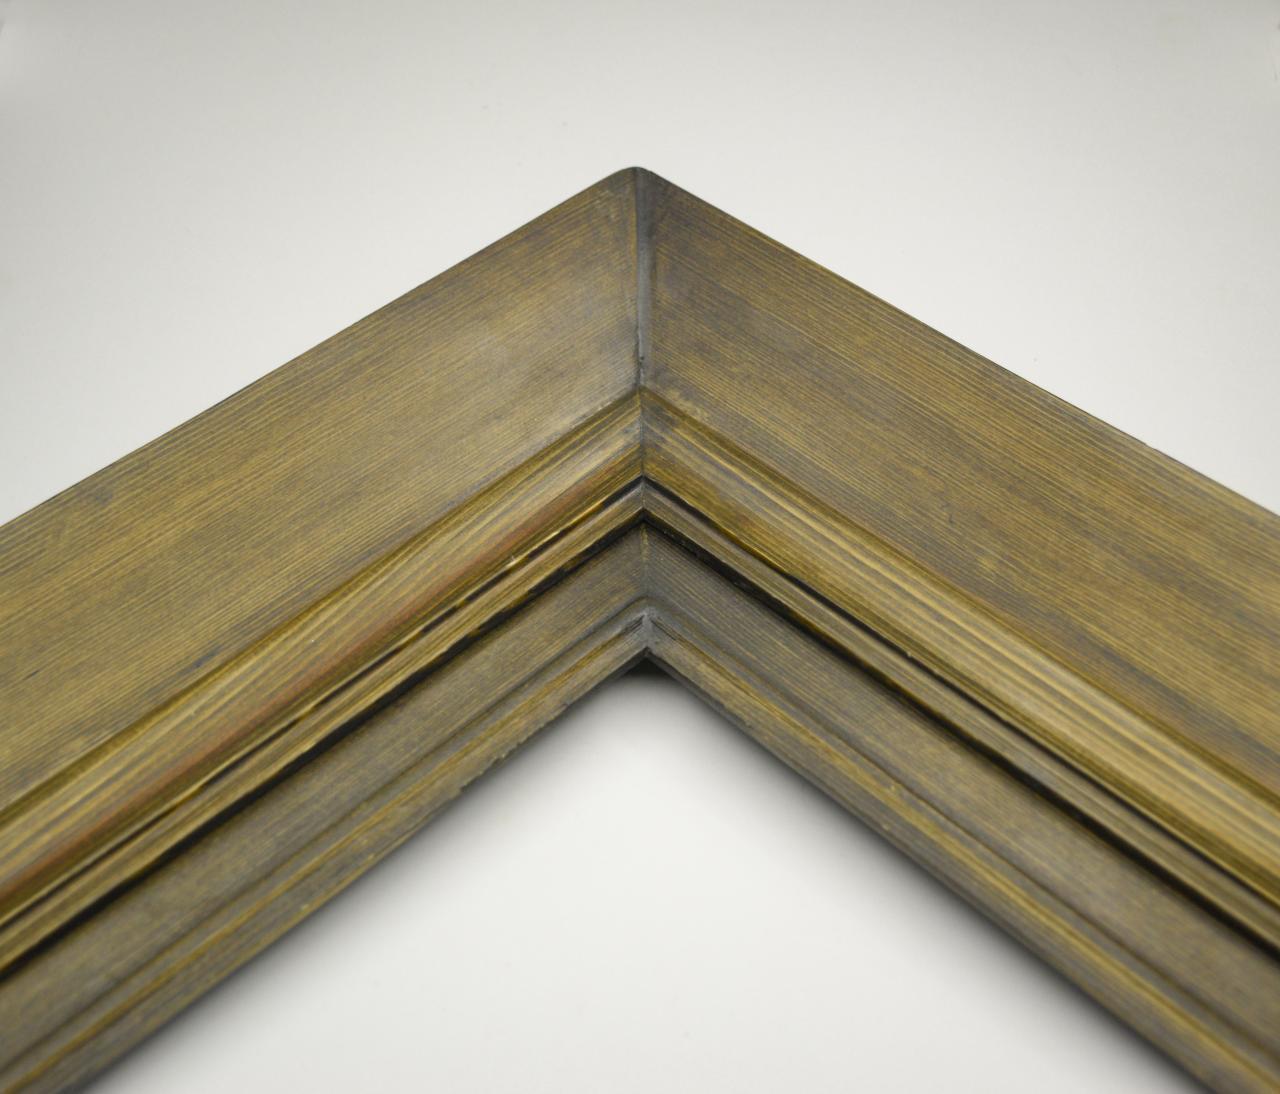 قابسازی چارچوب - قاب چوبی کد لویی ساده 3 قابه قهوه ای